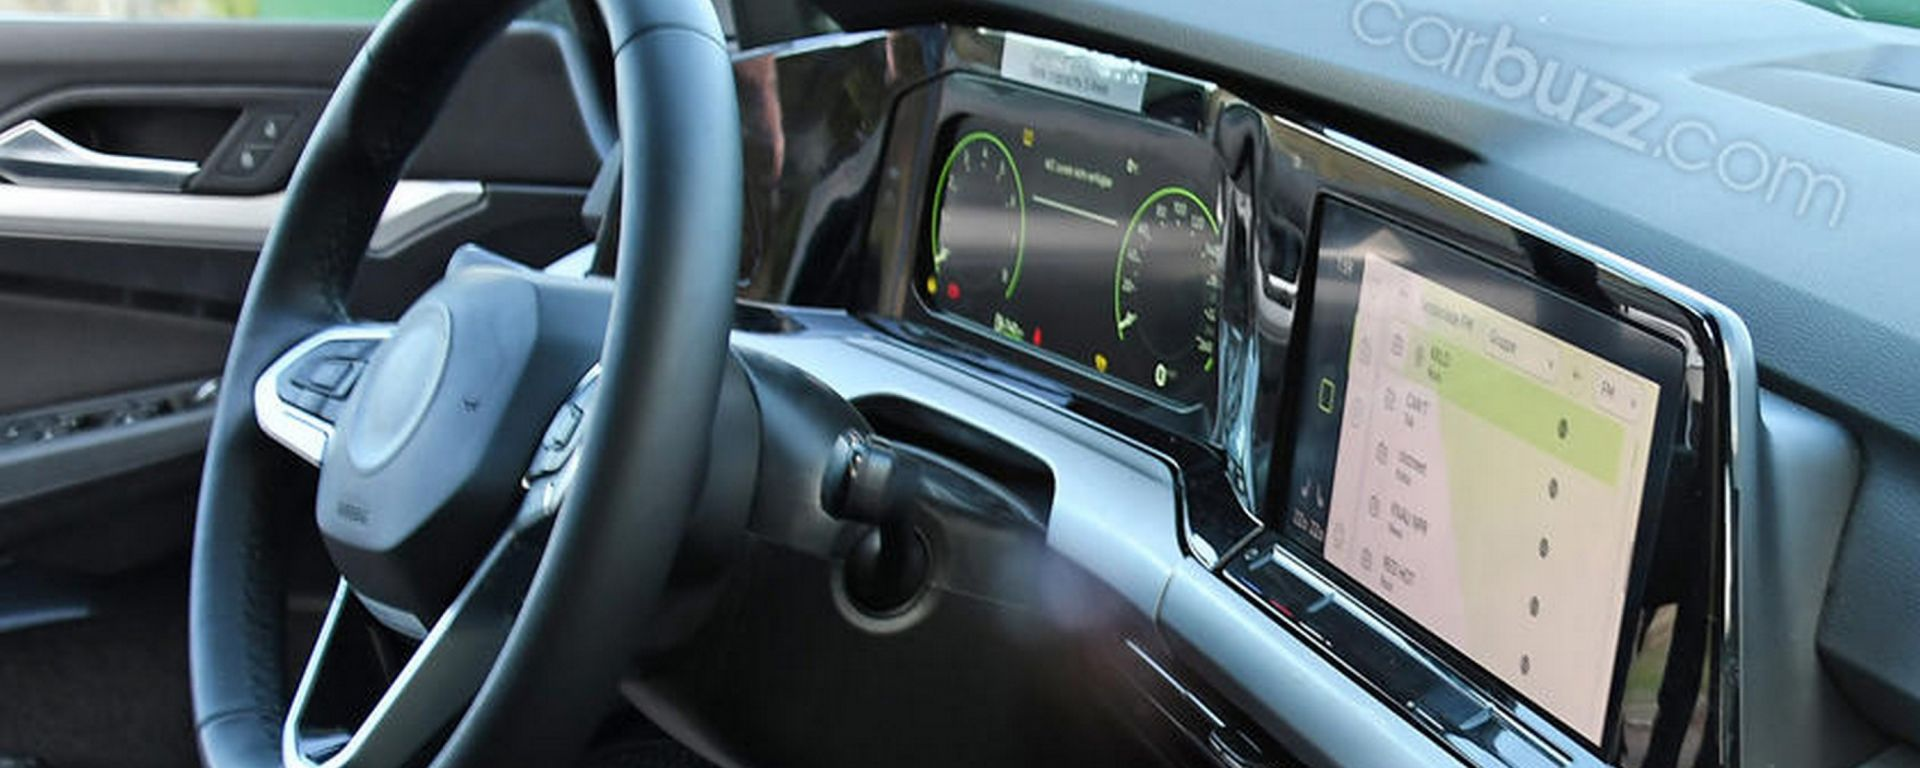 Nuova Volkswagen Golf, in anteprima gli interni